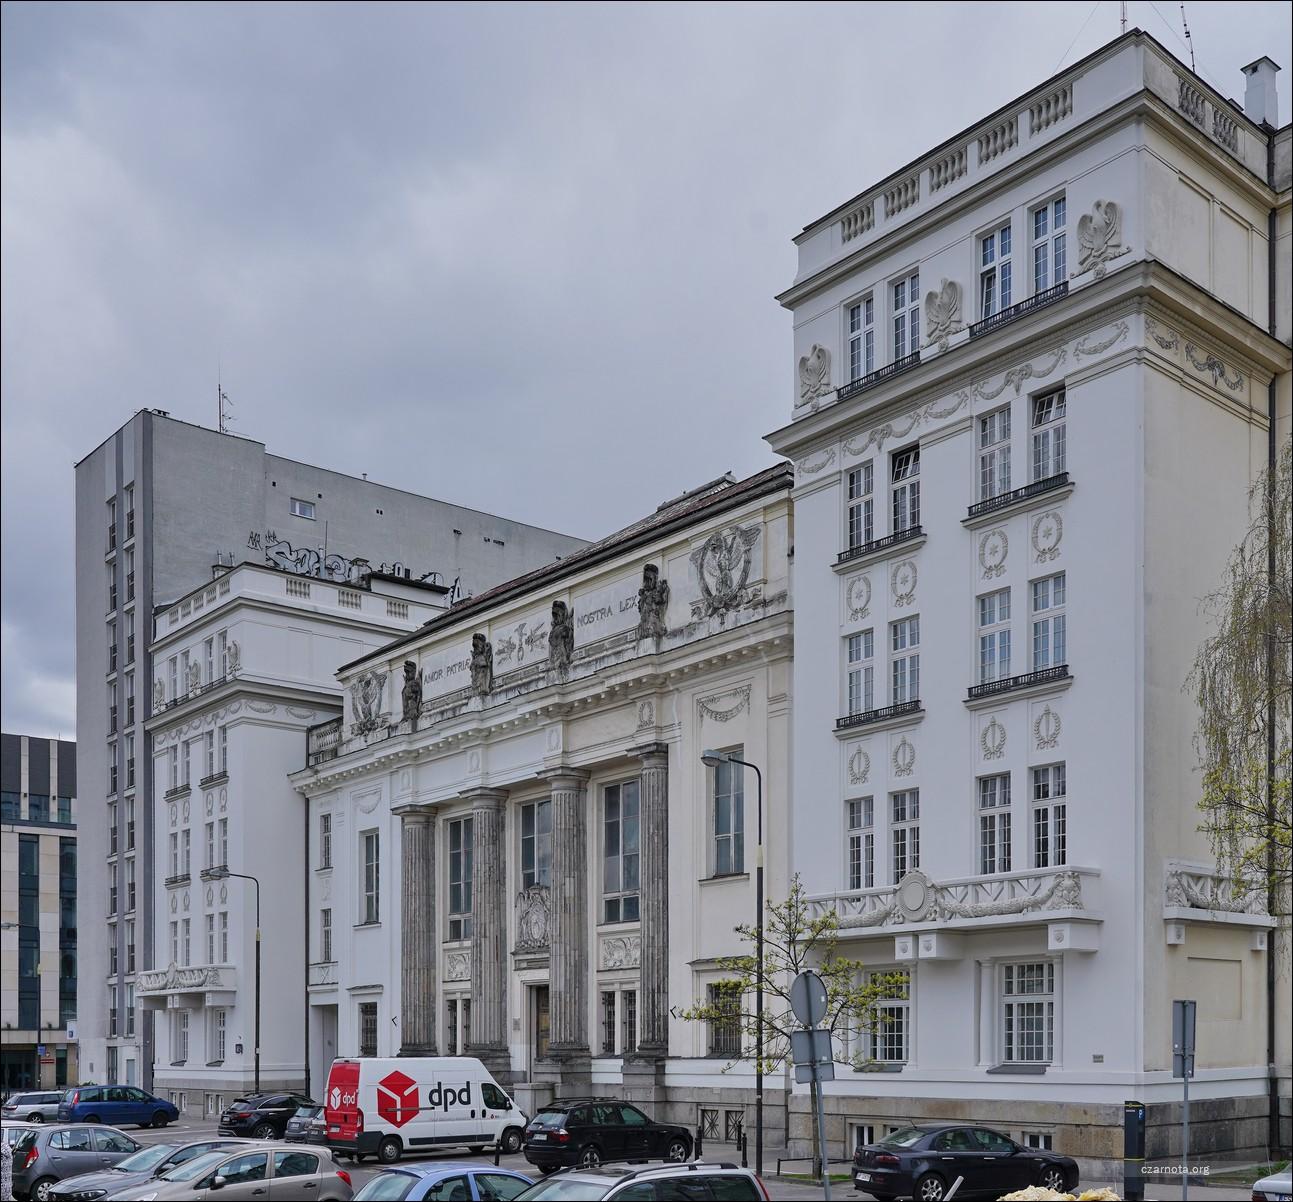 Warszawa, ul. Okólnik 9, Biblioteka Ordynacji Krasińskich w 2010 i 2021